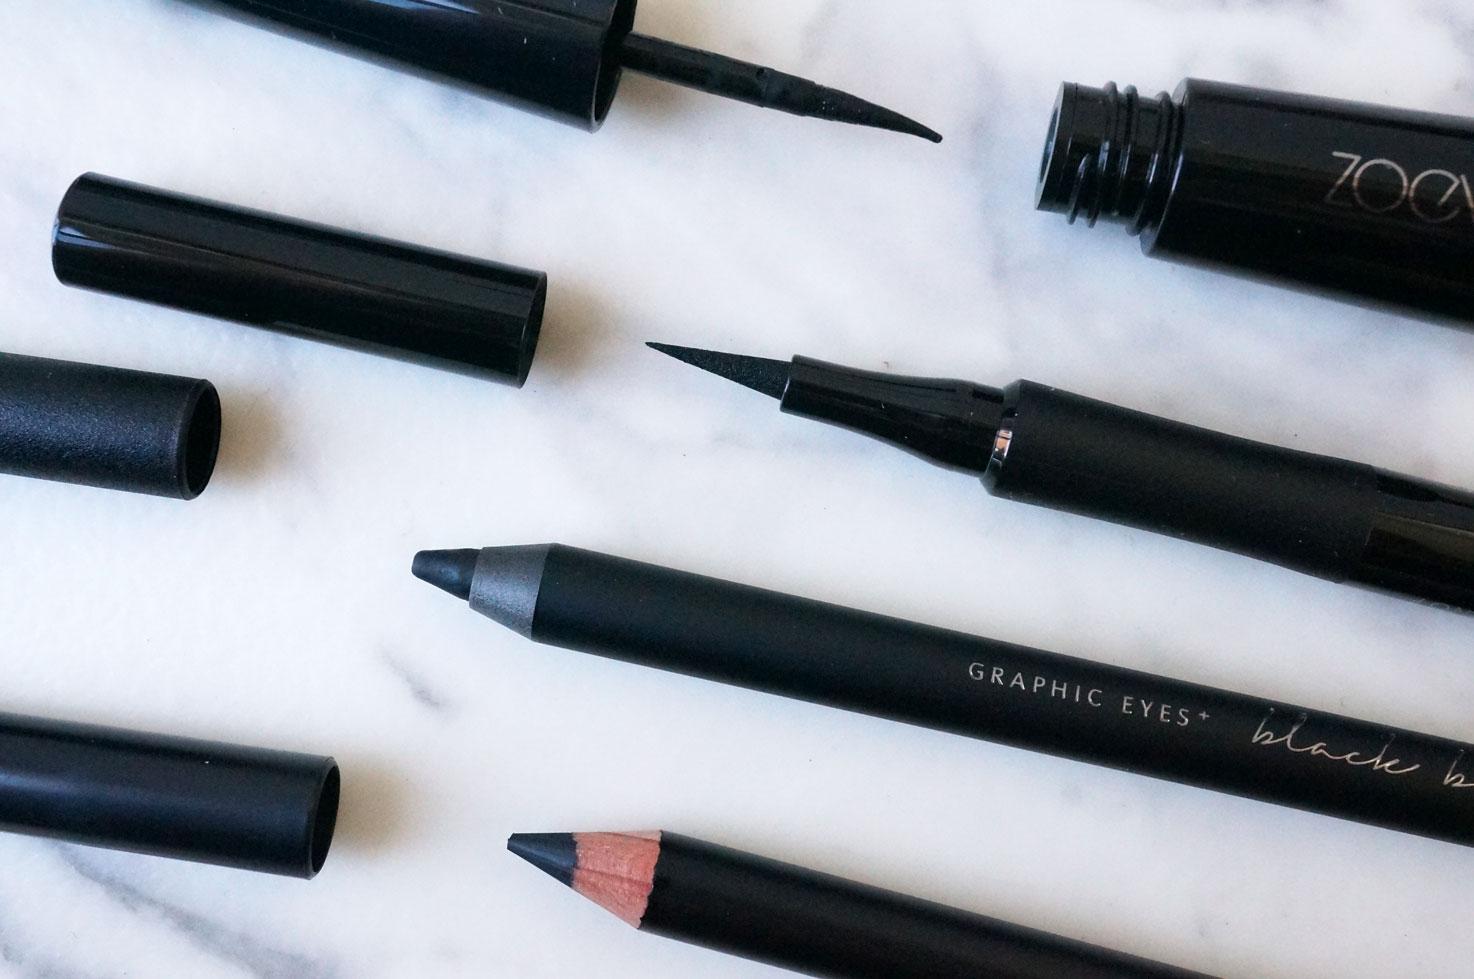 La Girl Line Art Matte Eyeliner : The zoeva black box: eyeliner set thou shalt not covet